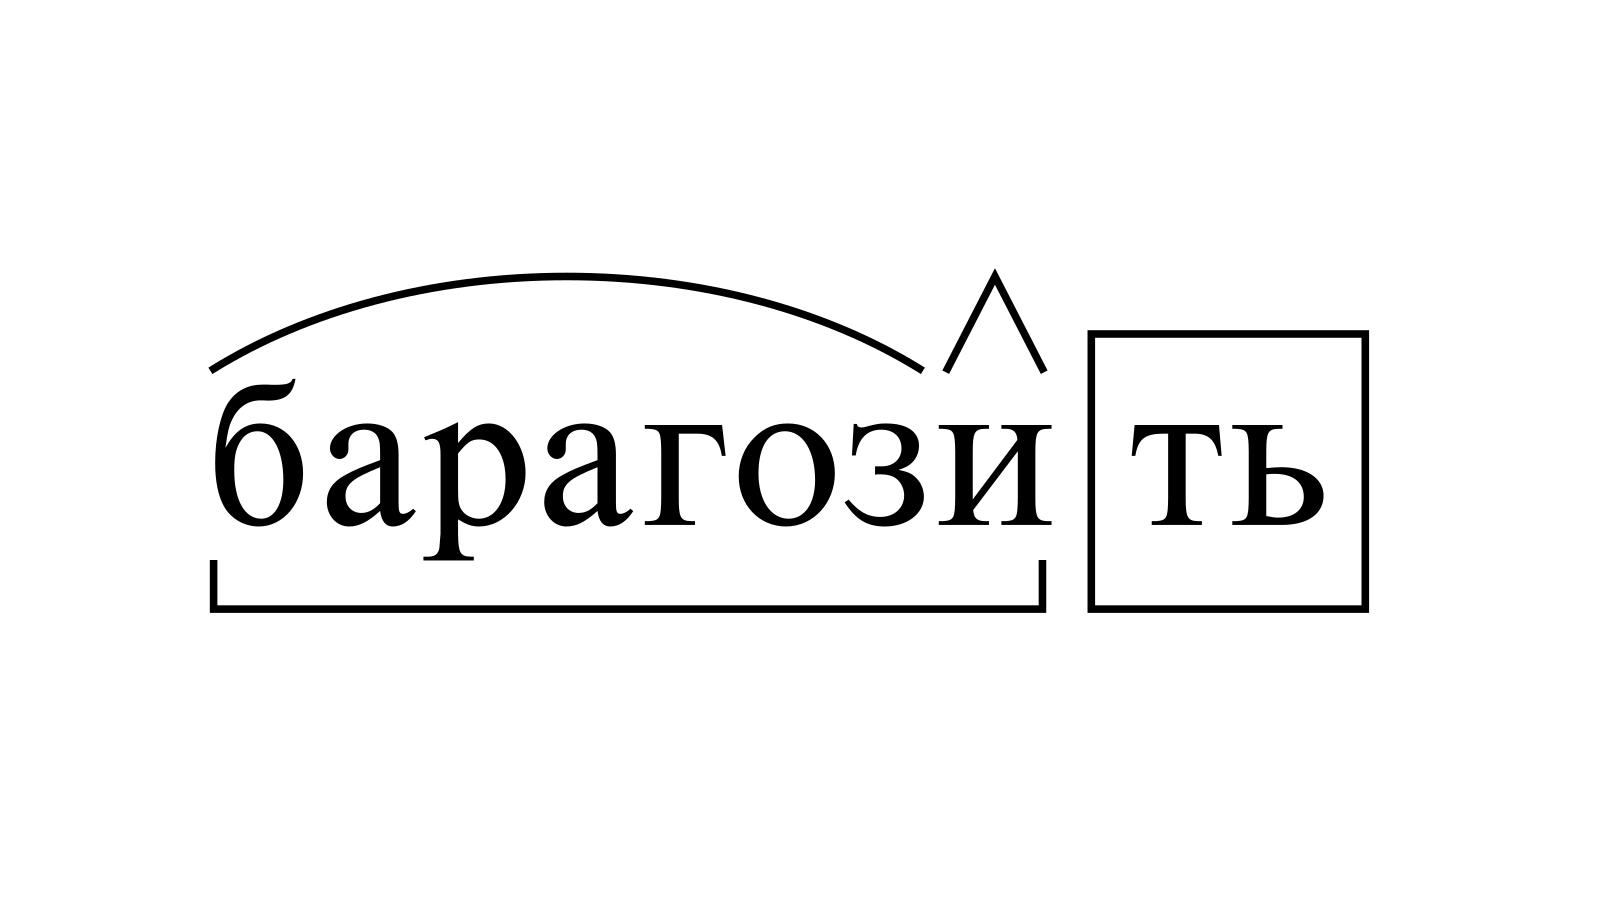 Разбор слова «барагозить» по составу